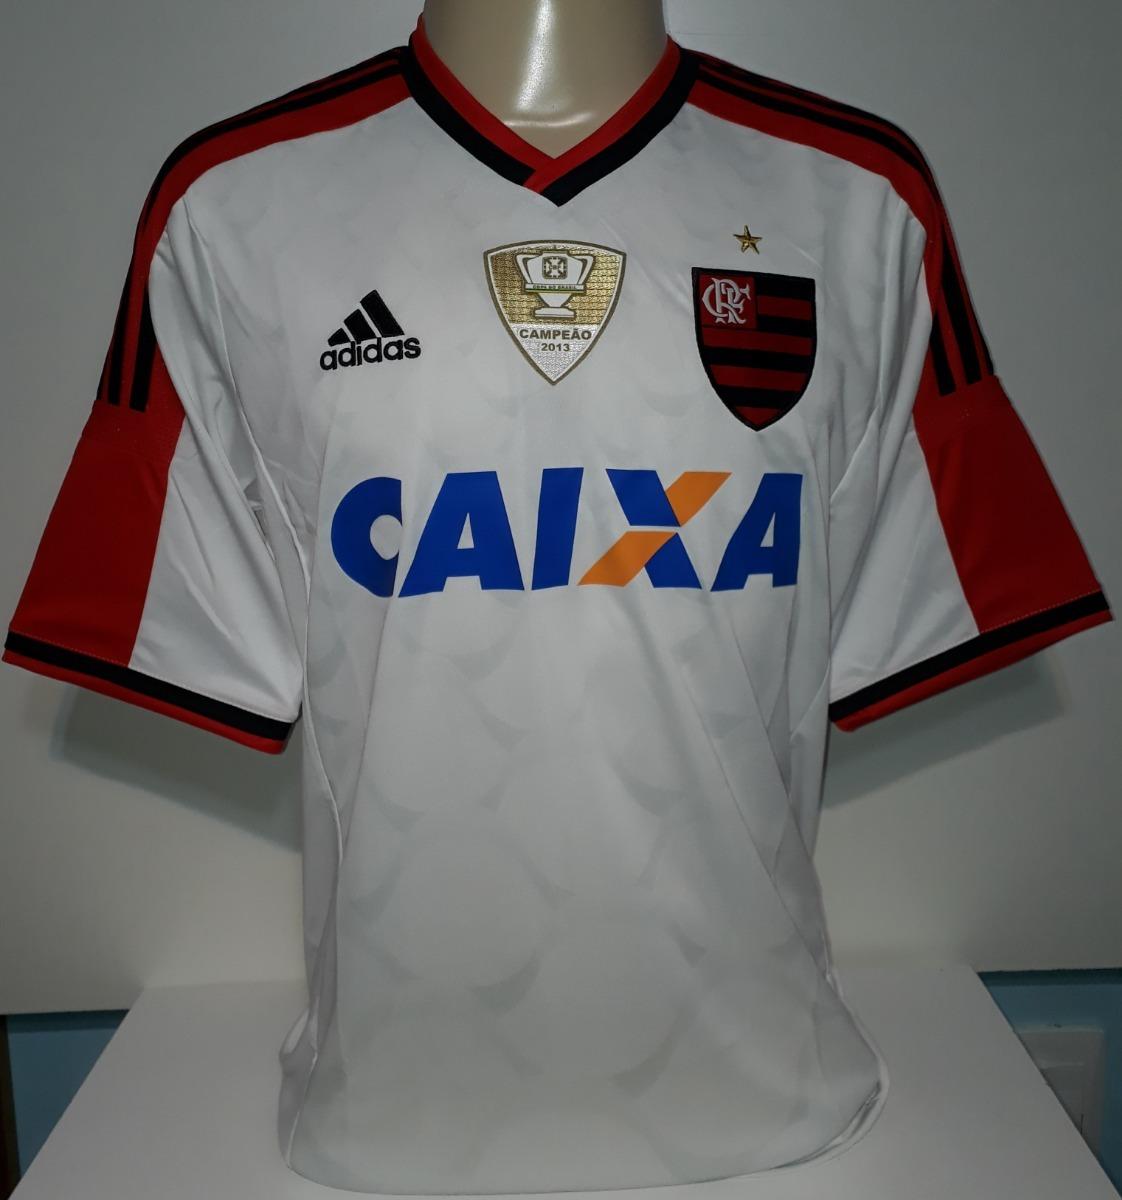 camiseta flamengo patch adidas campeão copa brasil 2013 - 02. Carregando  zoom. 2f9a5e620c99f